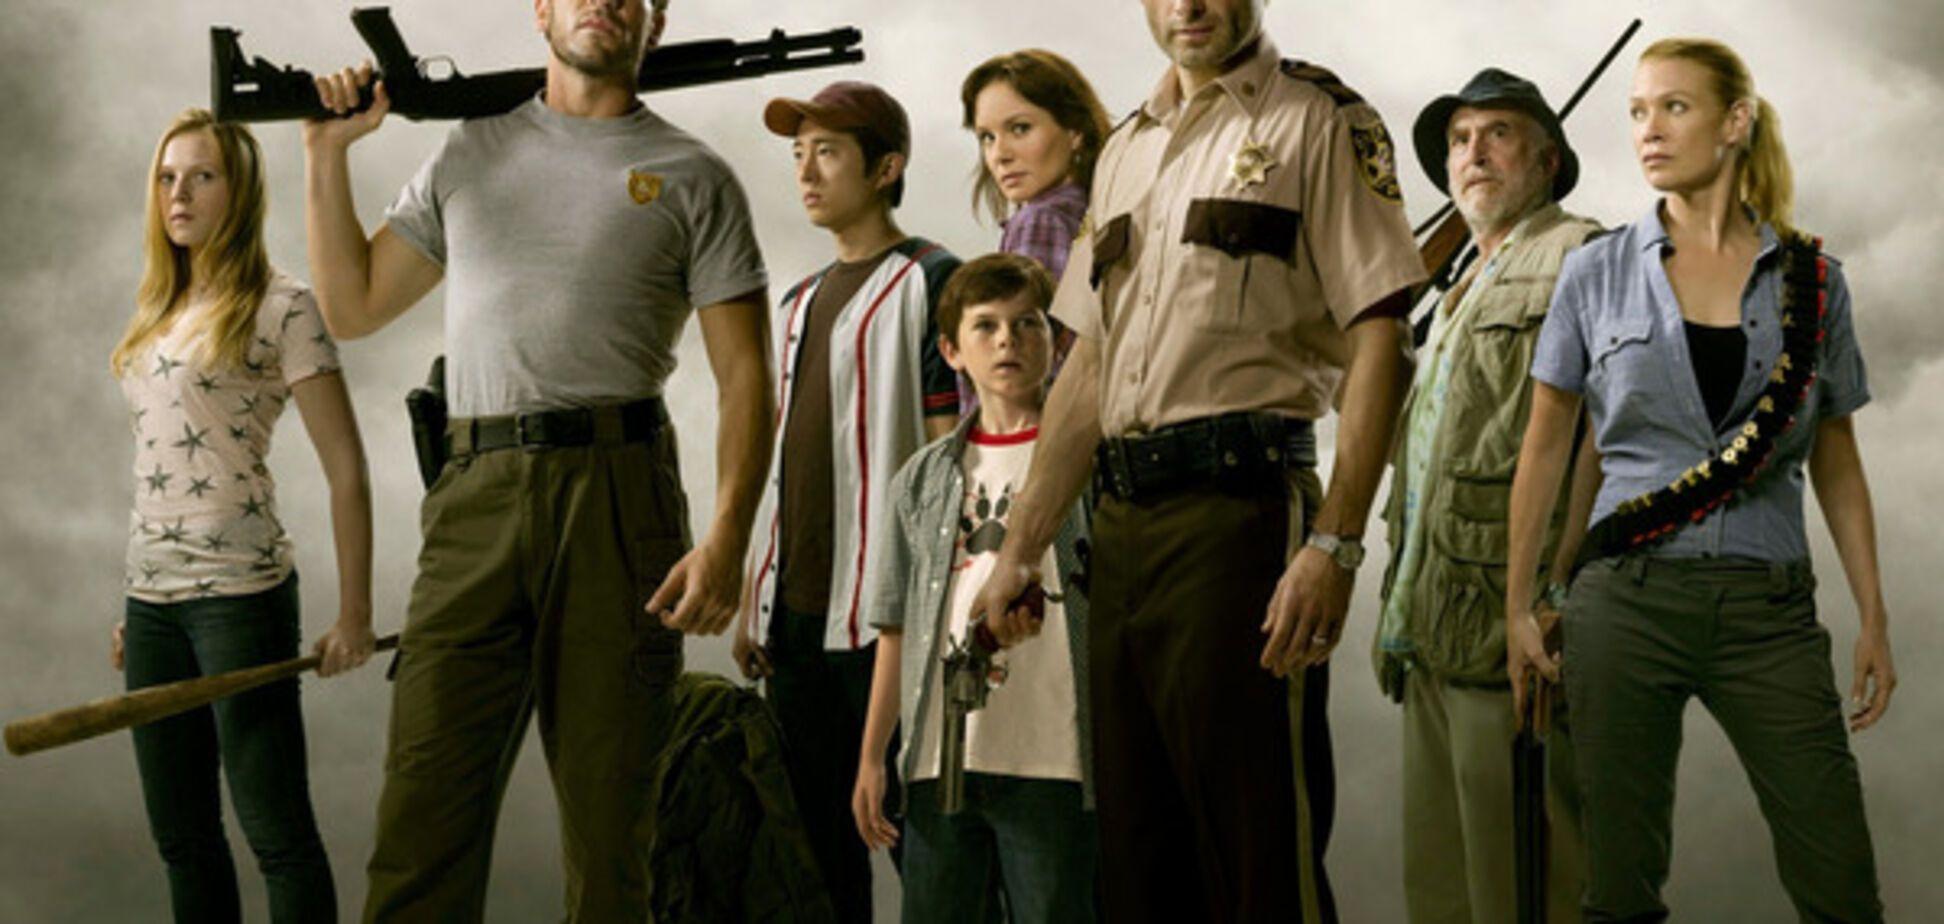 'Ходячие мертвецы': три причины не смотреть сериал